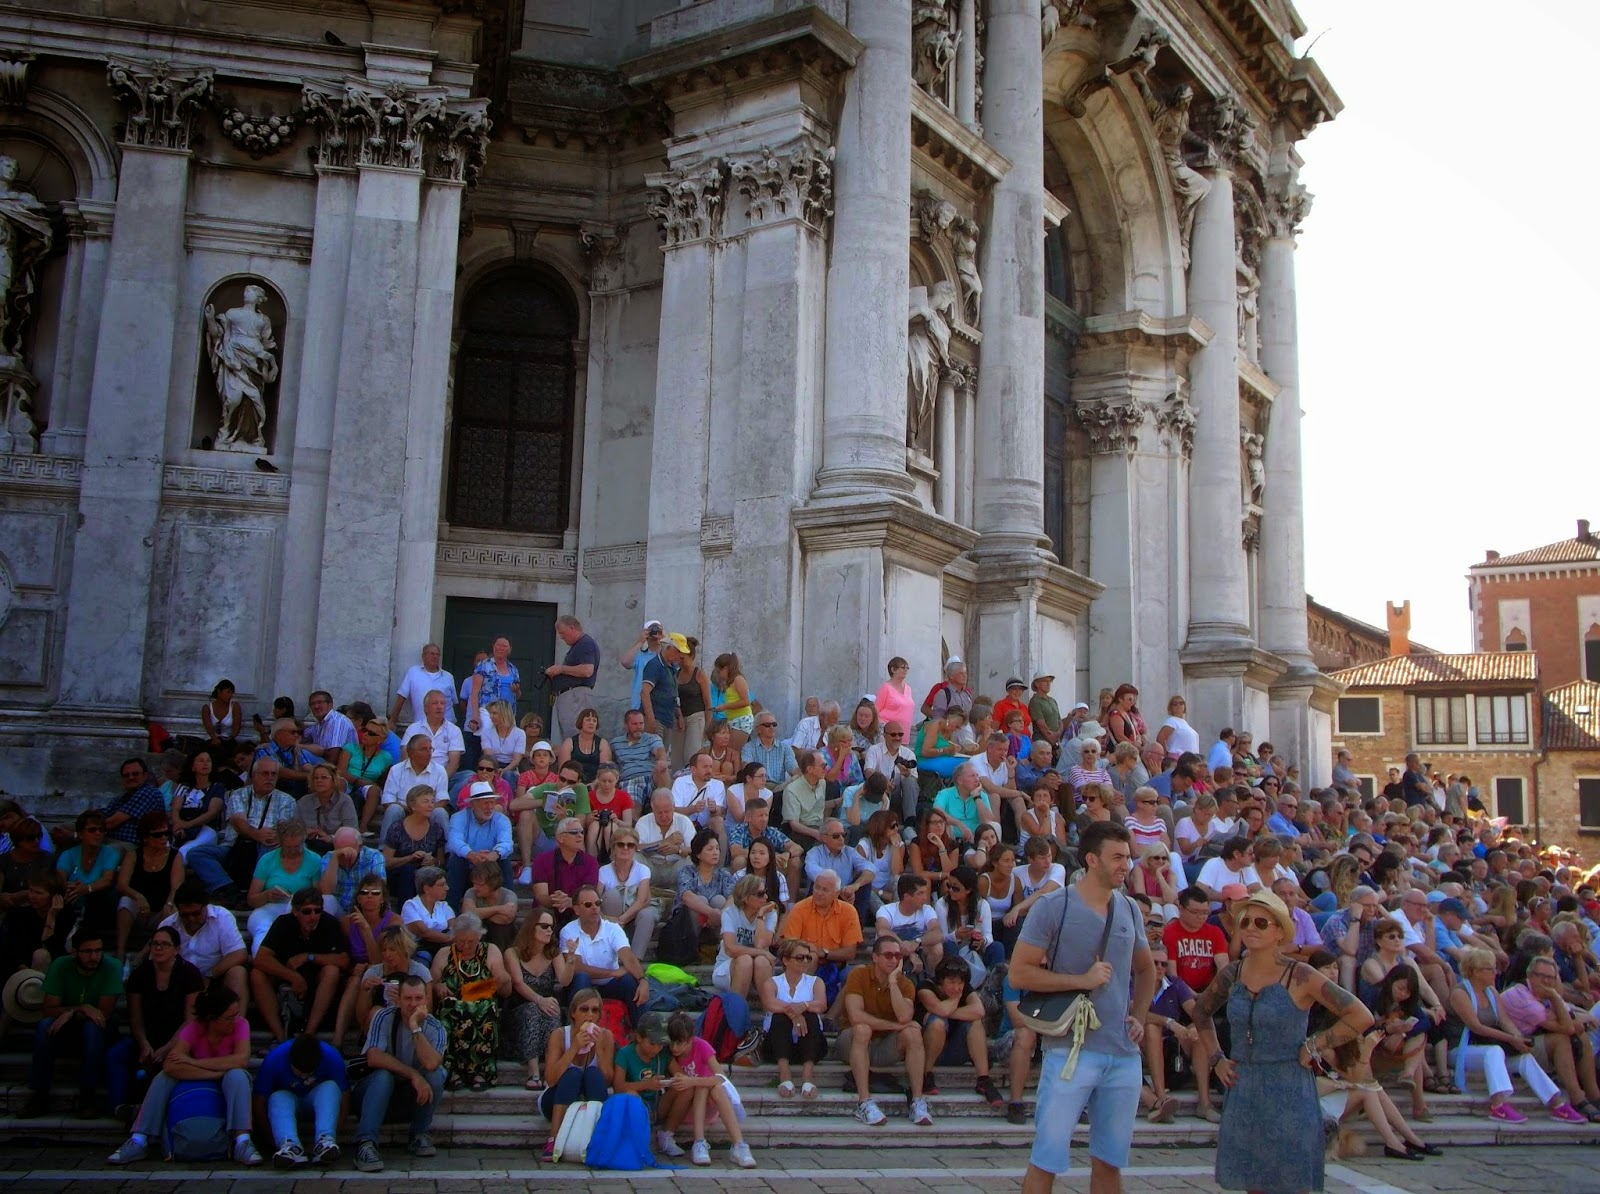 Regata Storica, 2014, Venice